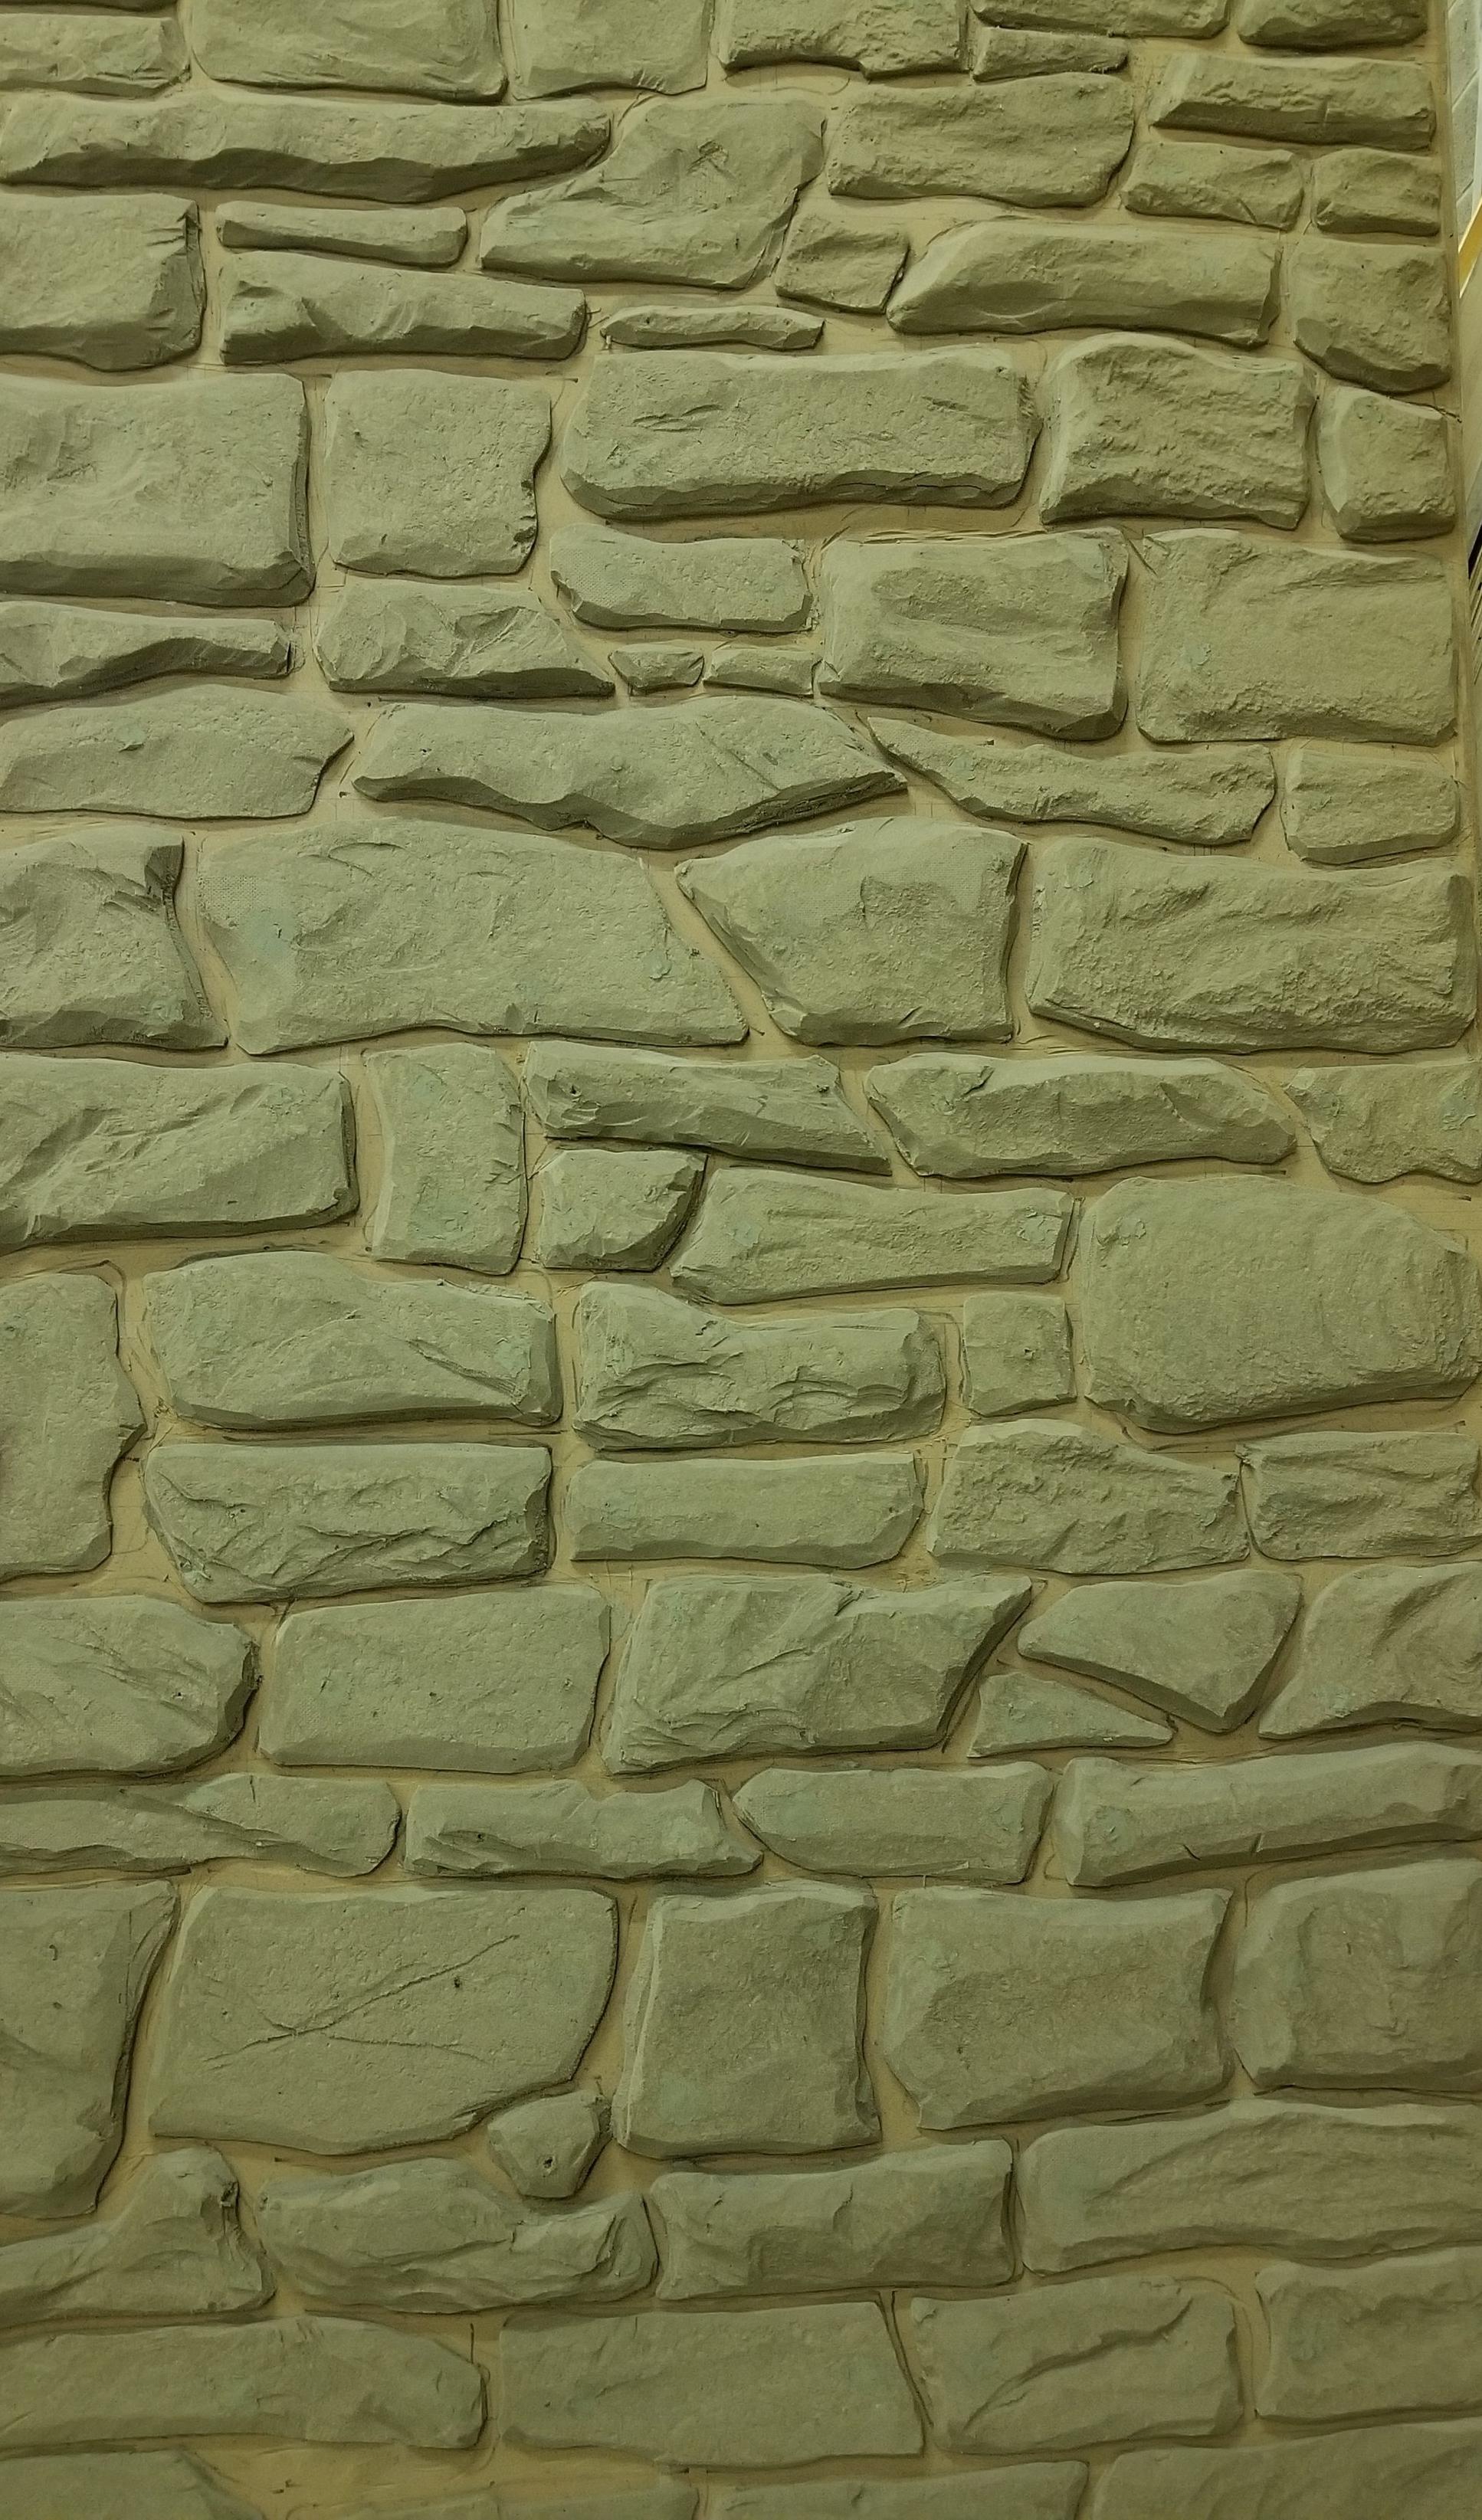 Stone wall mold